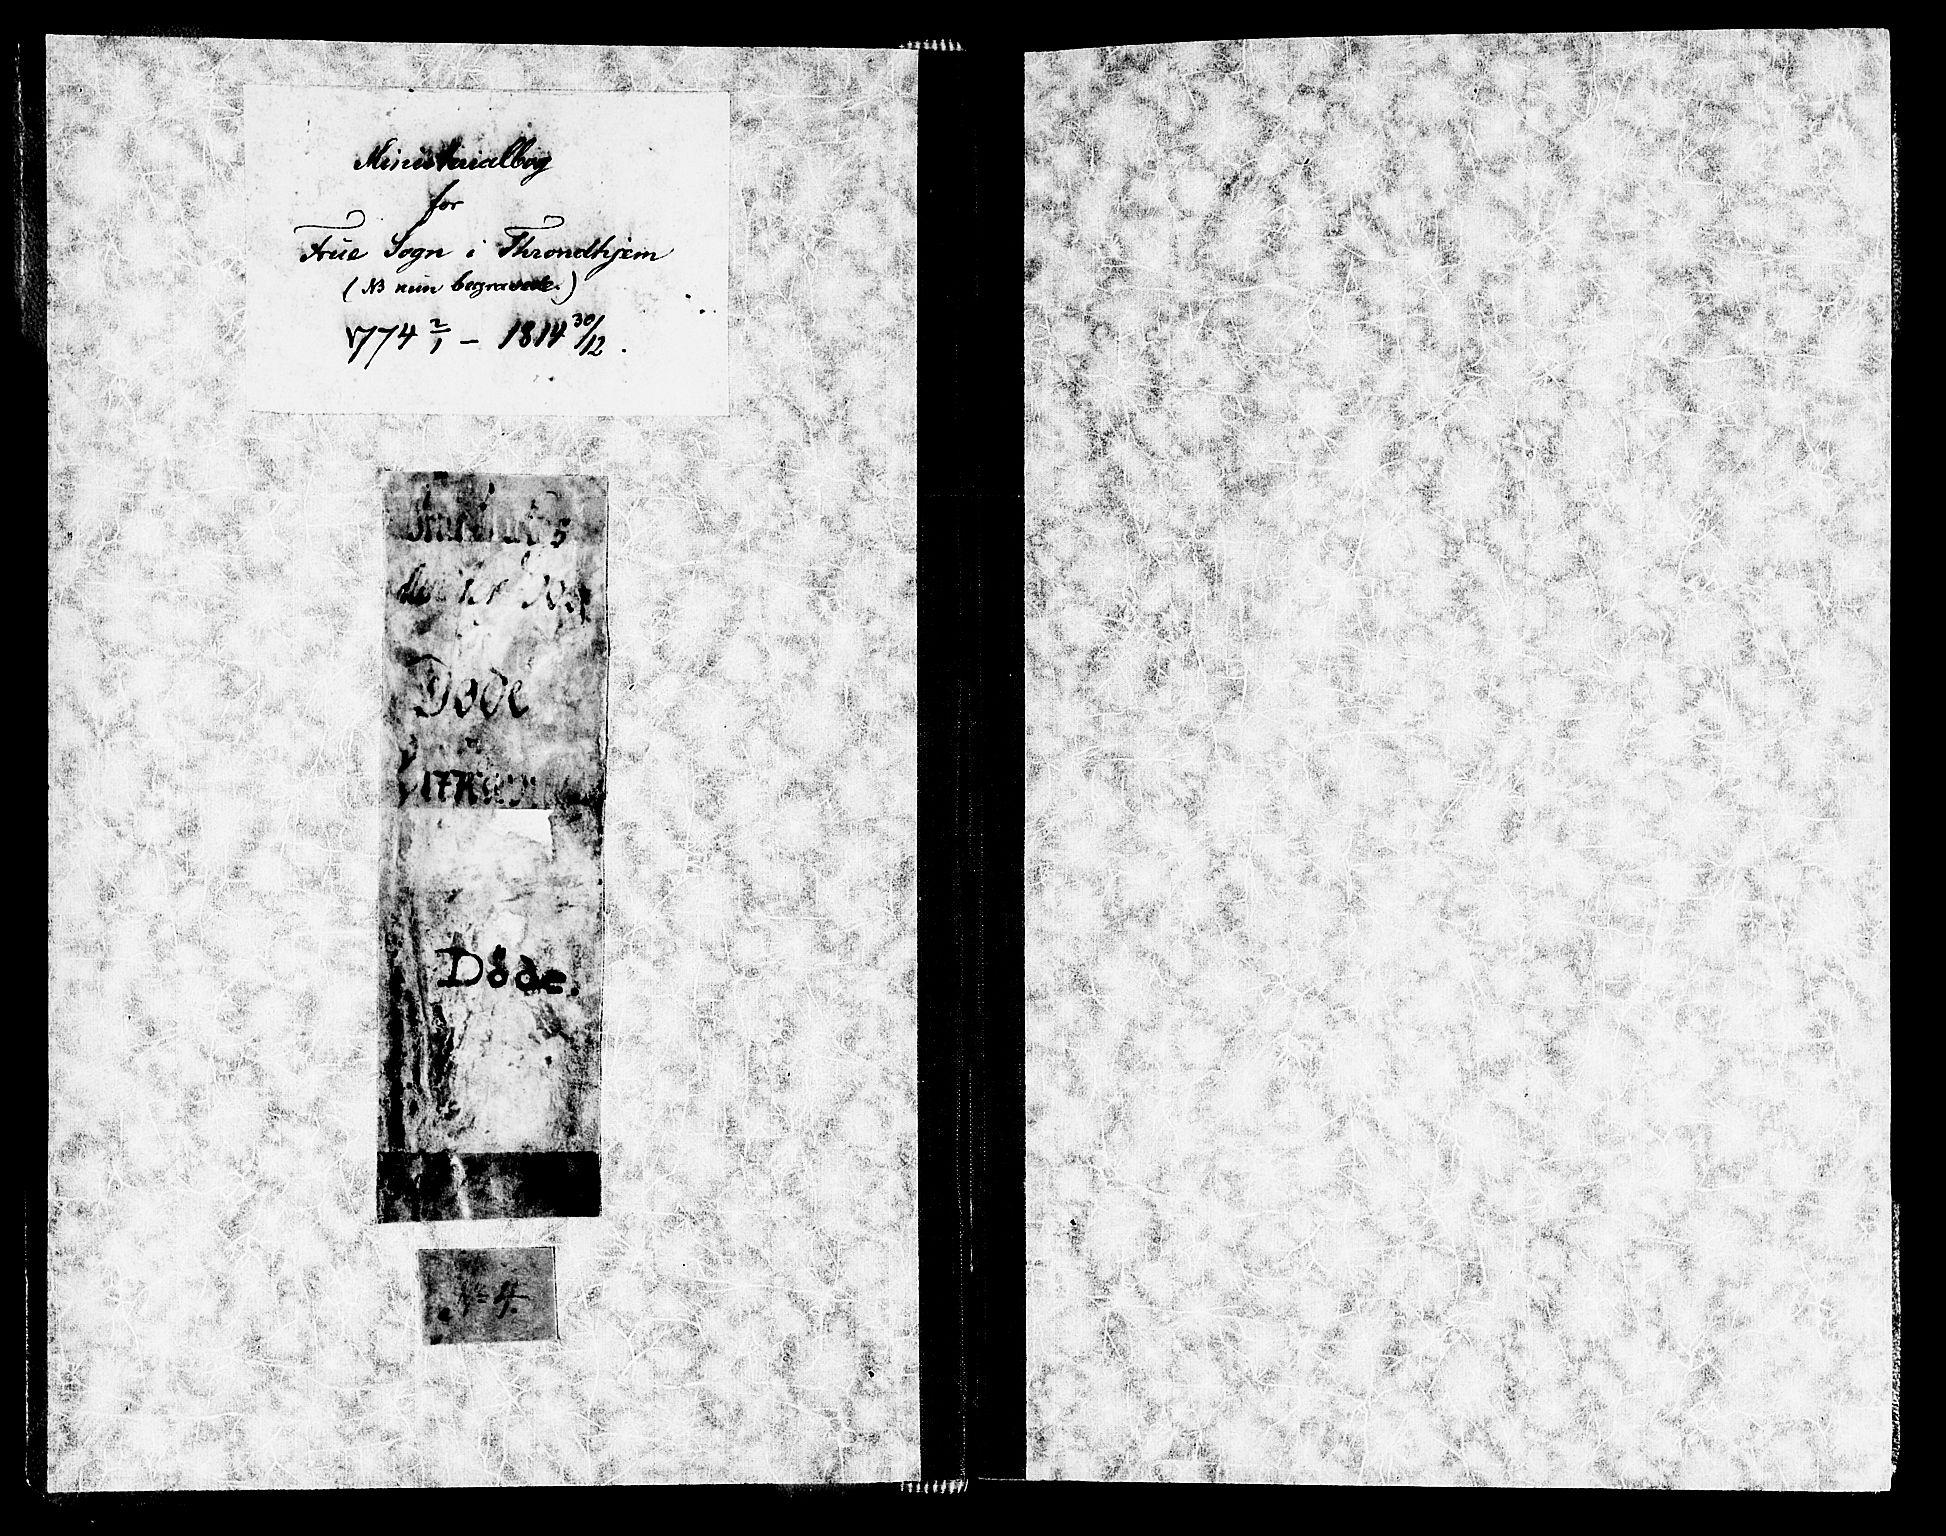 SAT, Ministerialprotokoller, klokkerbøker og fødselsregistre - Sør-Trøndelag, 602/L0106: Ministerialbok nr. 602A04, 1774-1814